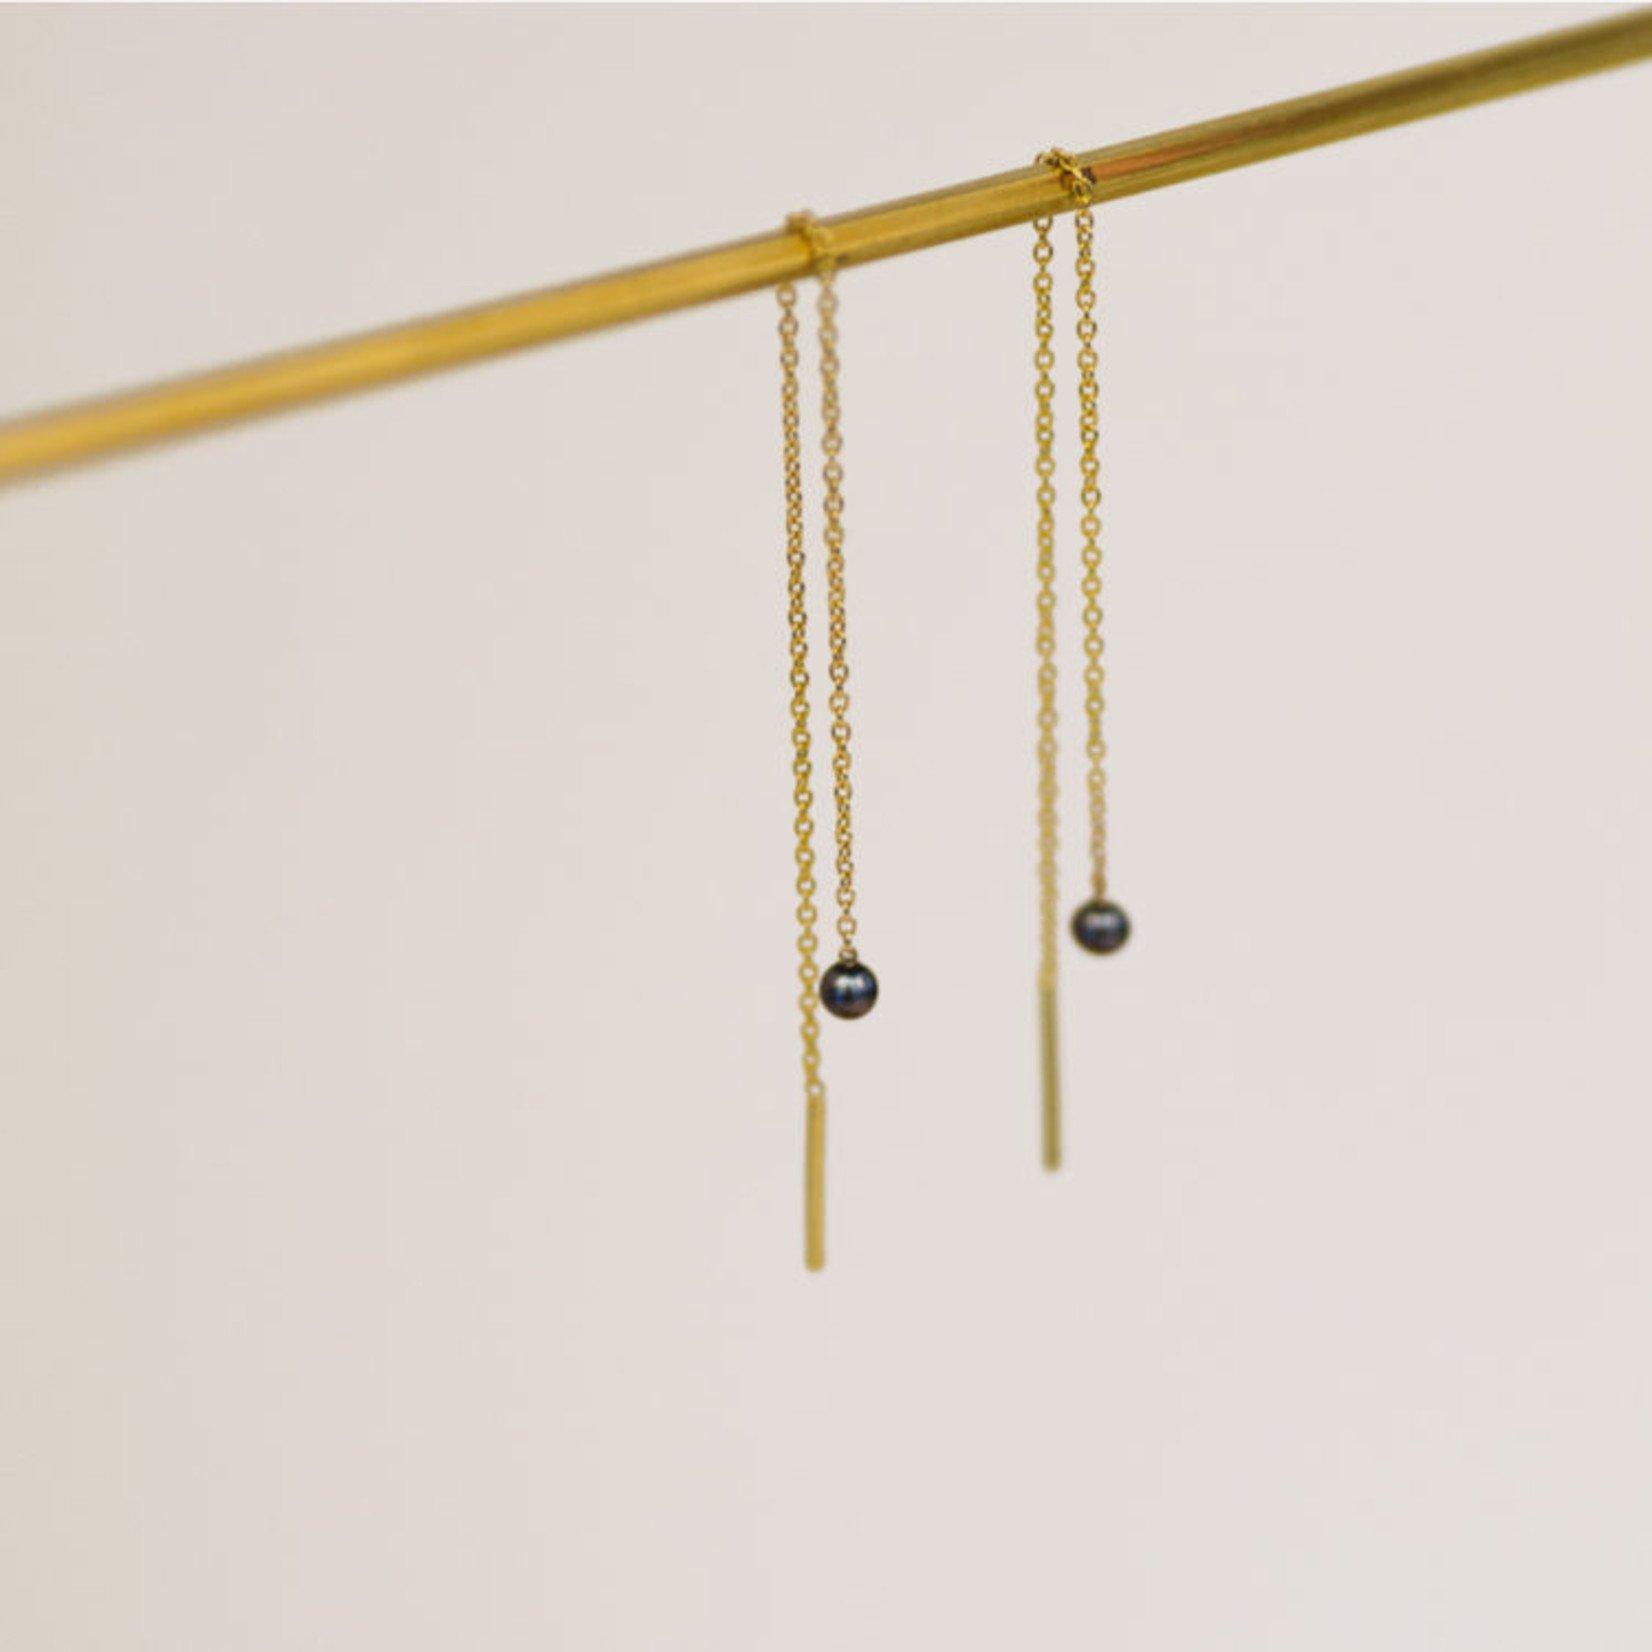 charlotte wooning charlotte wooning - earrings mercurius